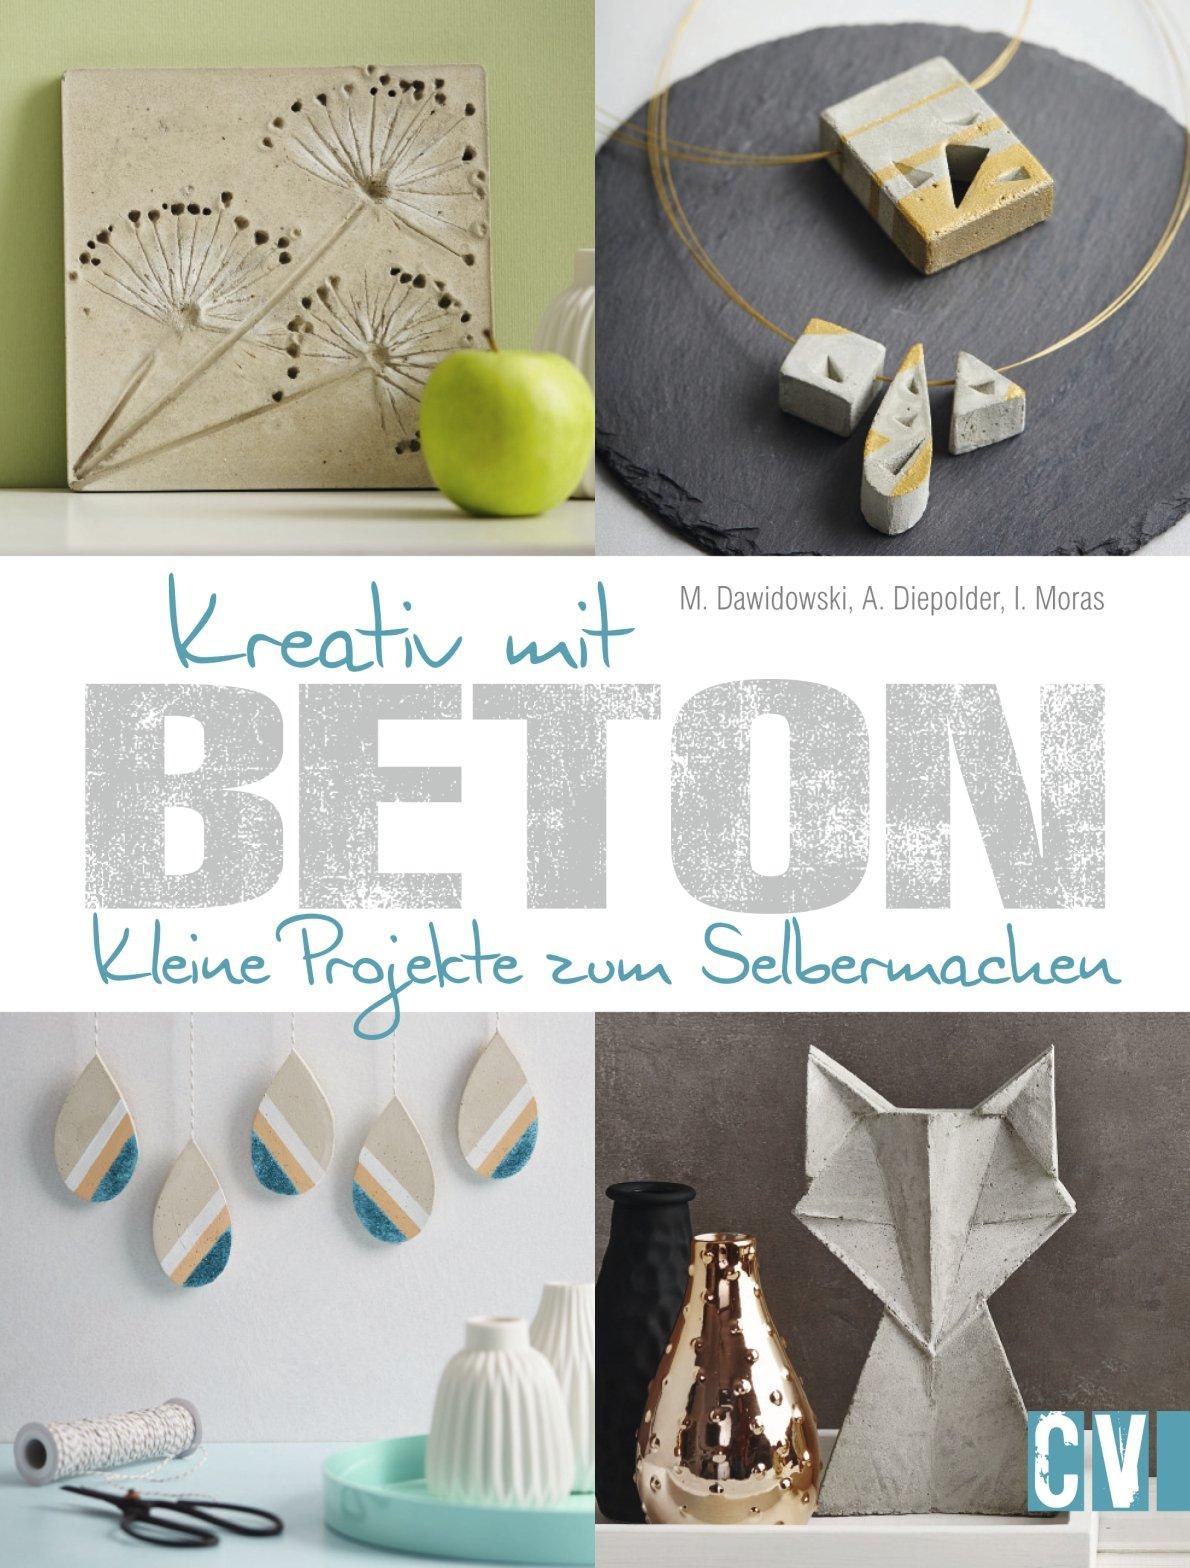 Wohnaccessoires aus beton  Kreativ mit Beton: Kleine Projekte zum Selbermachen: Amazon.de ...